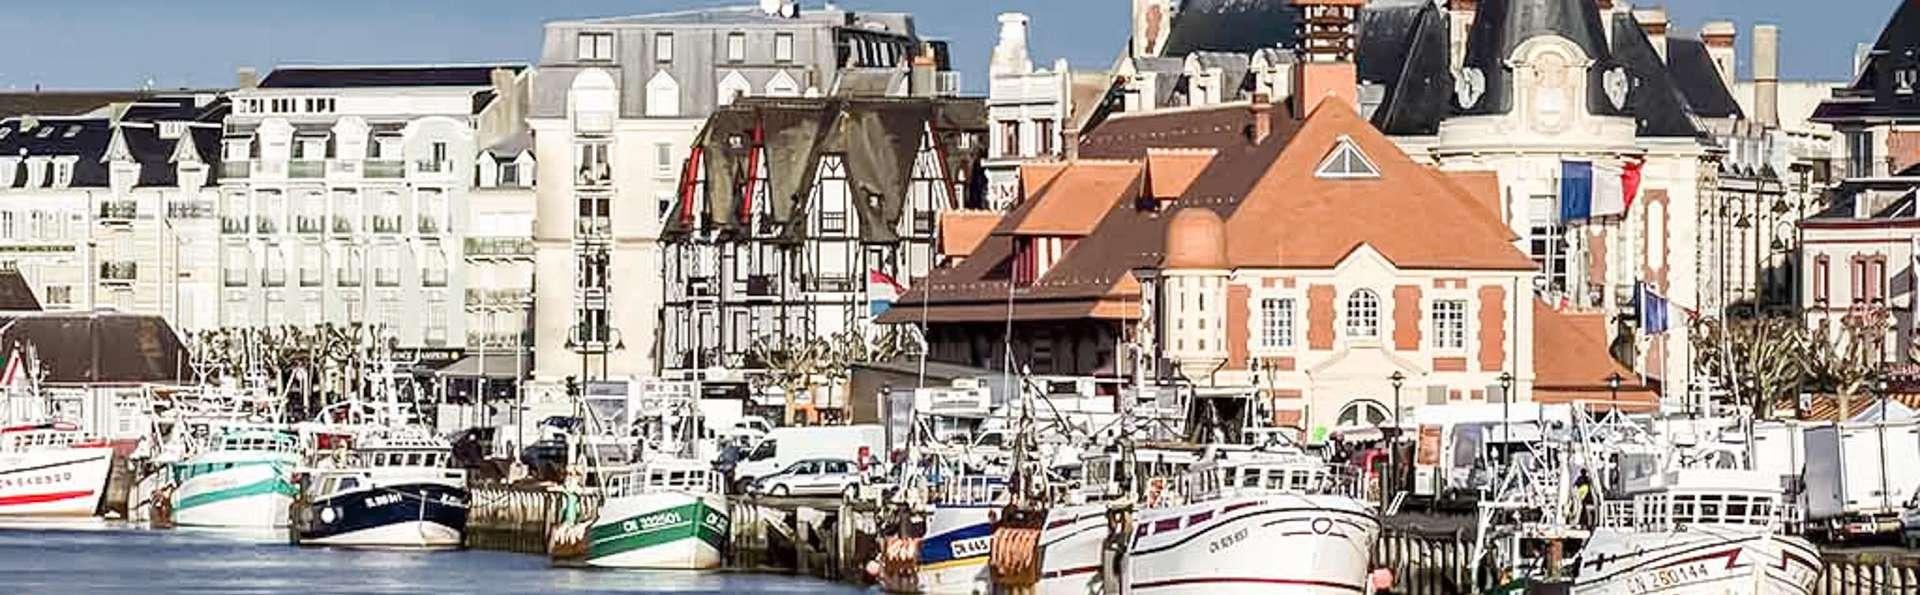 Hôtel  Mercure Trouville sur Mer - EDIT_FRONT_01.jpg